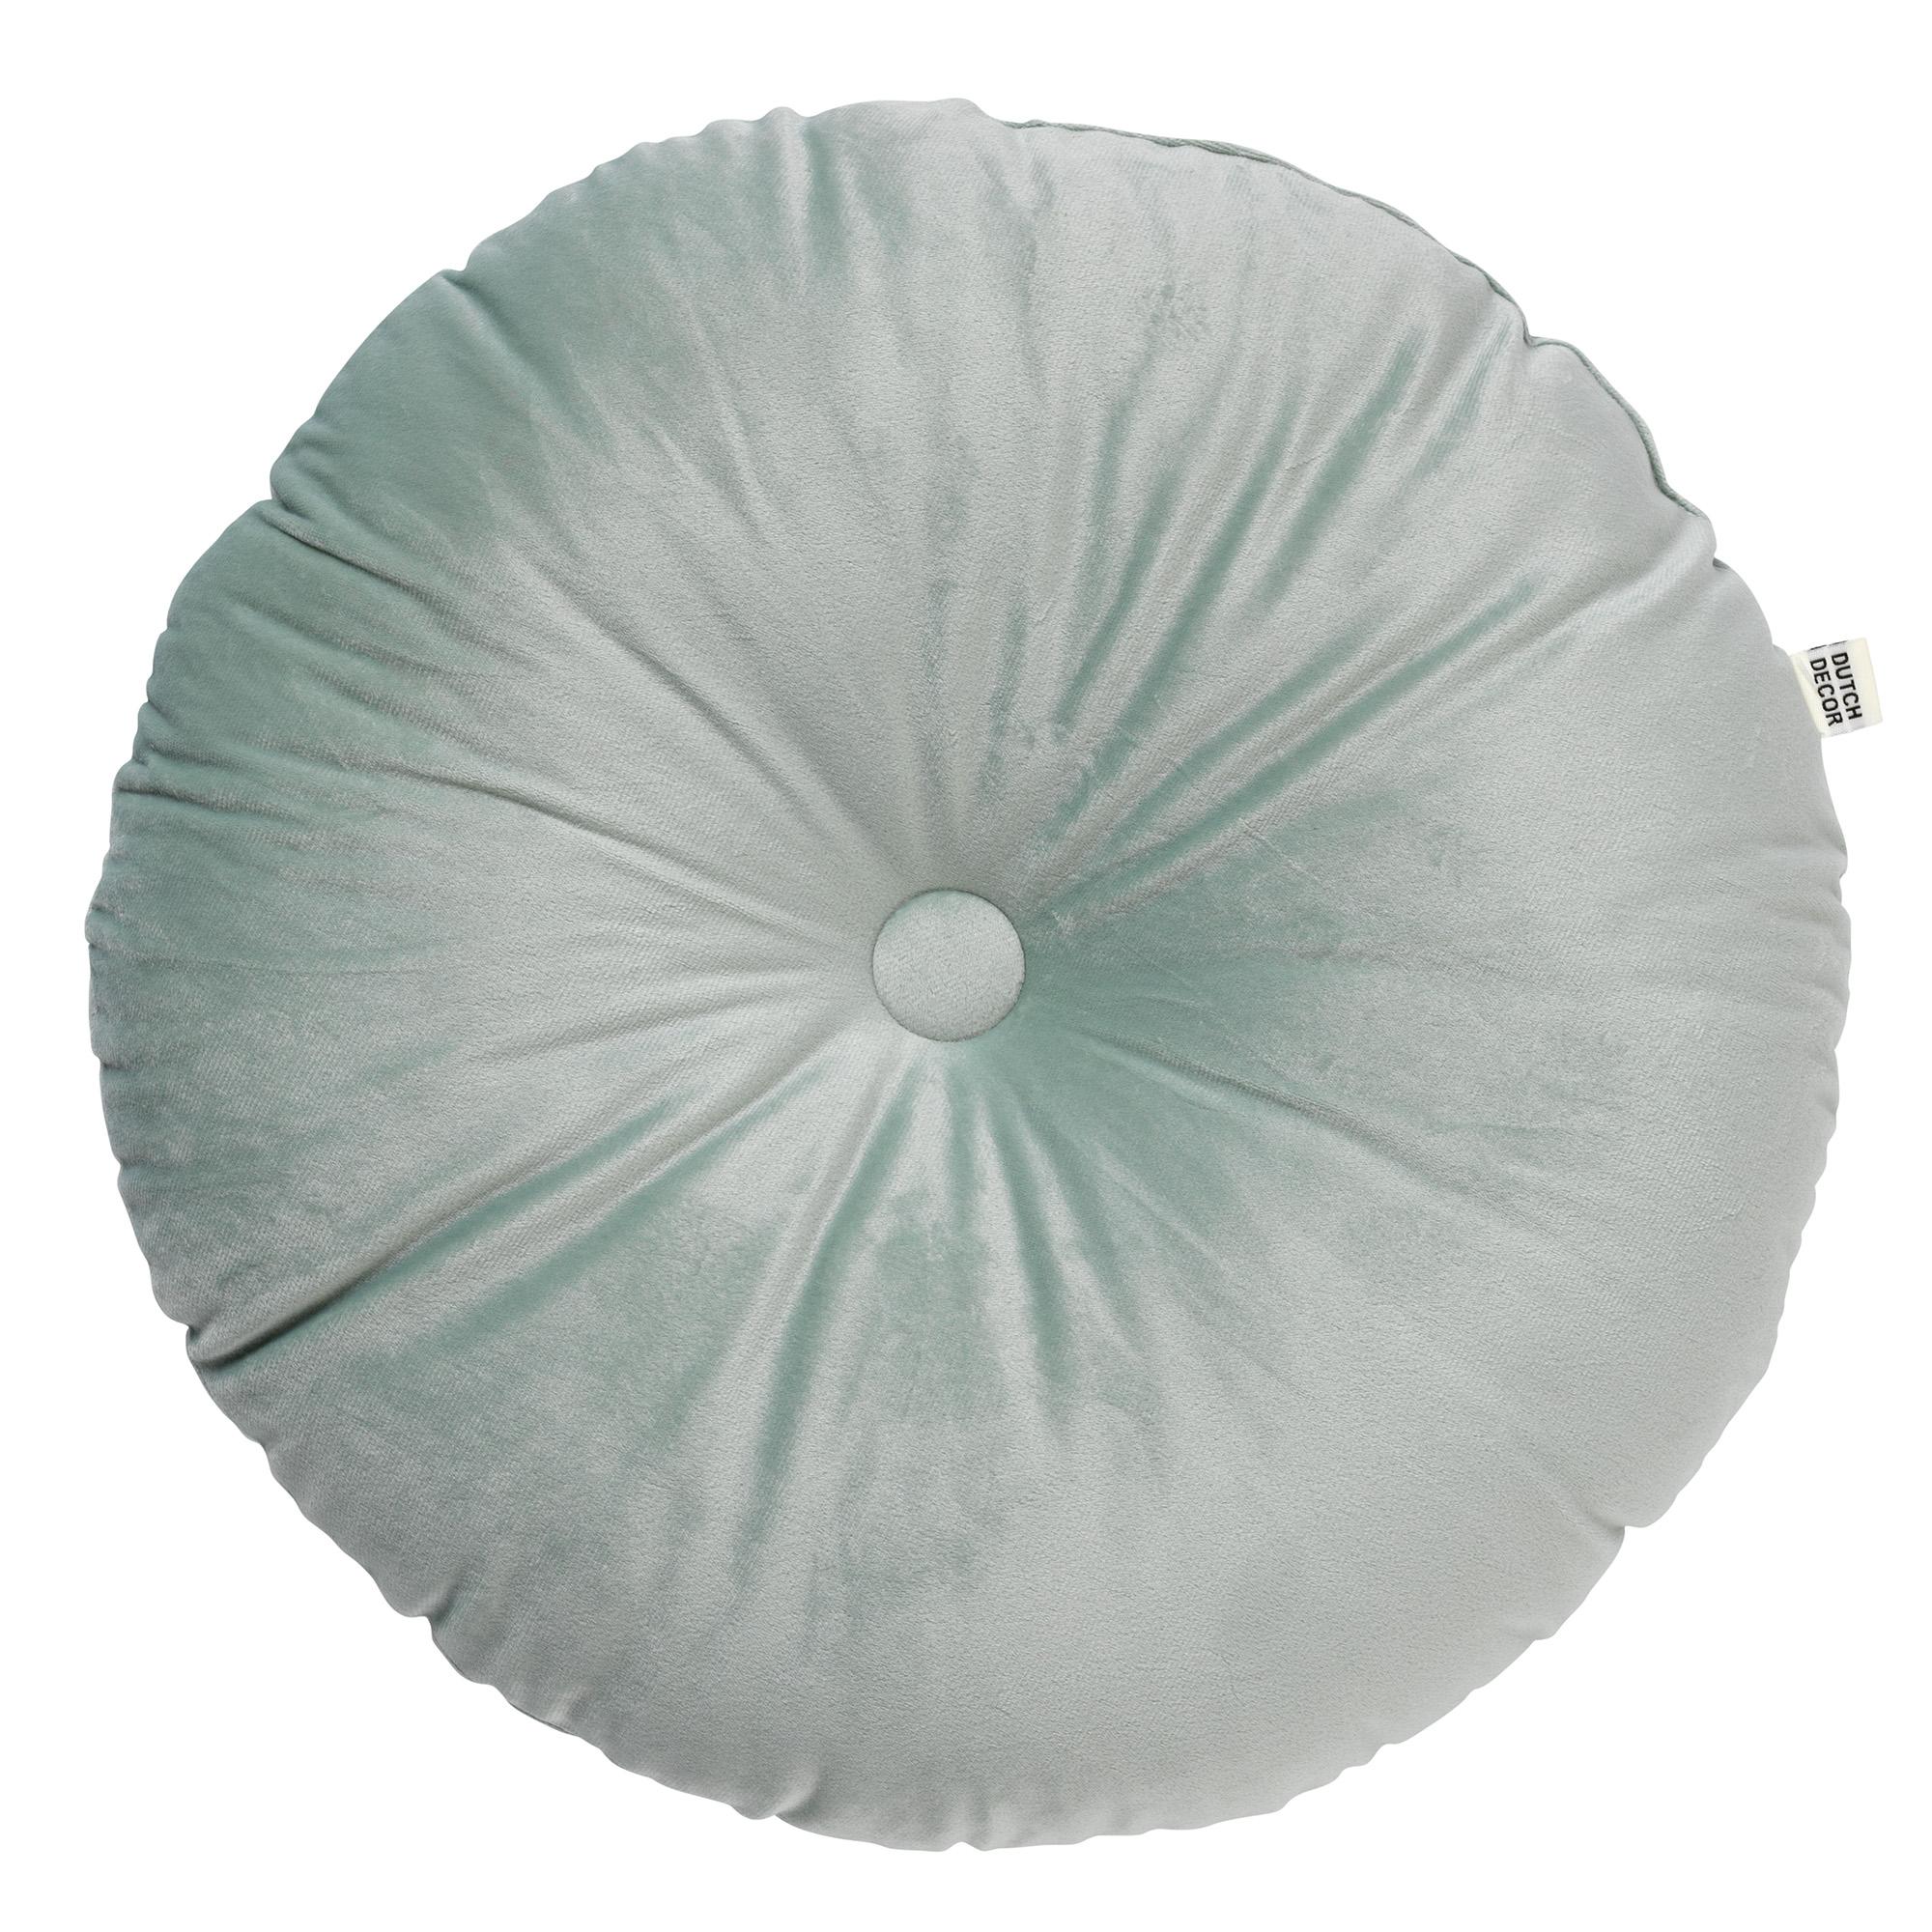 OLLY - Sierkussen rond velvet Jadeite 40 cm